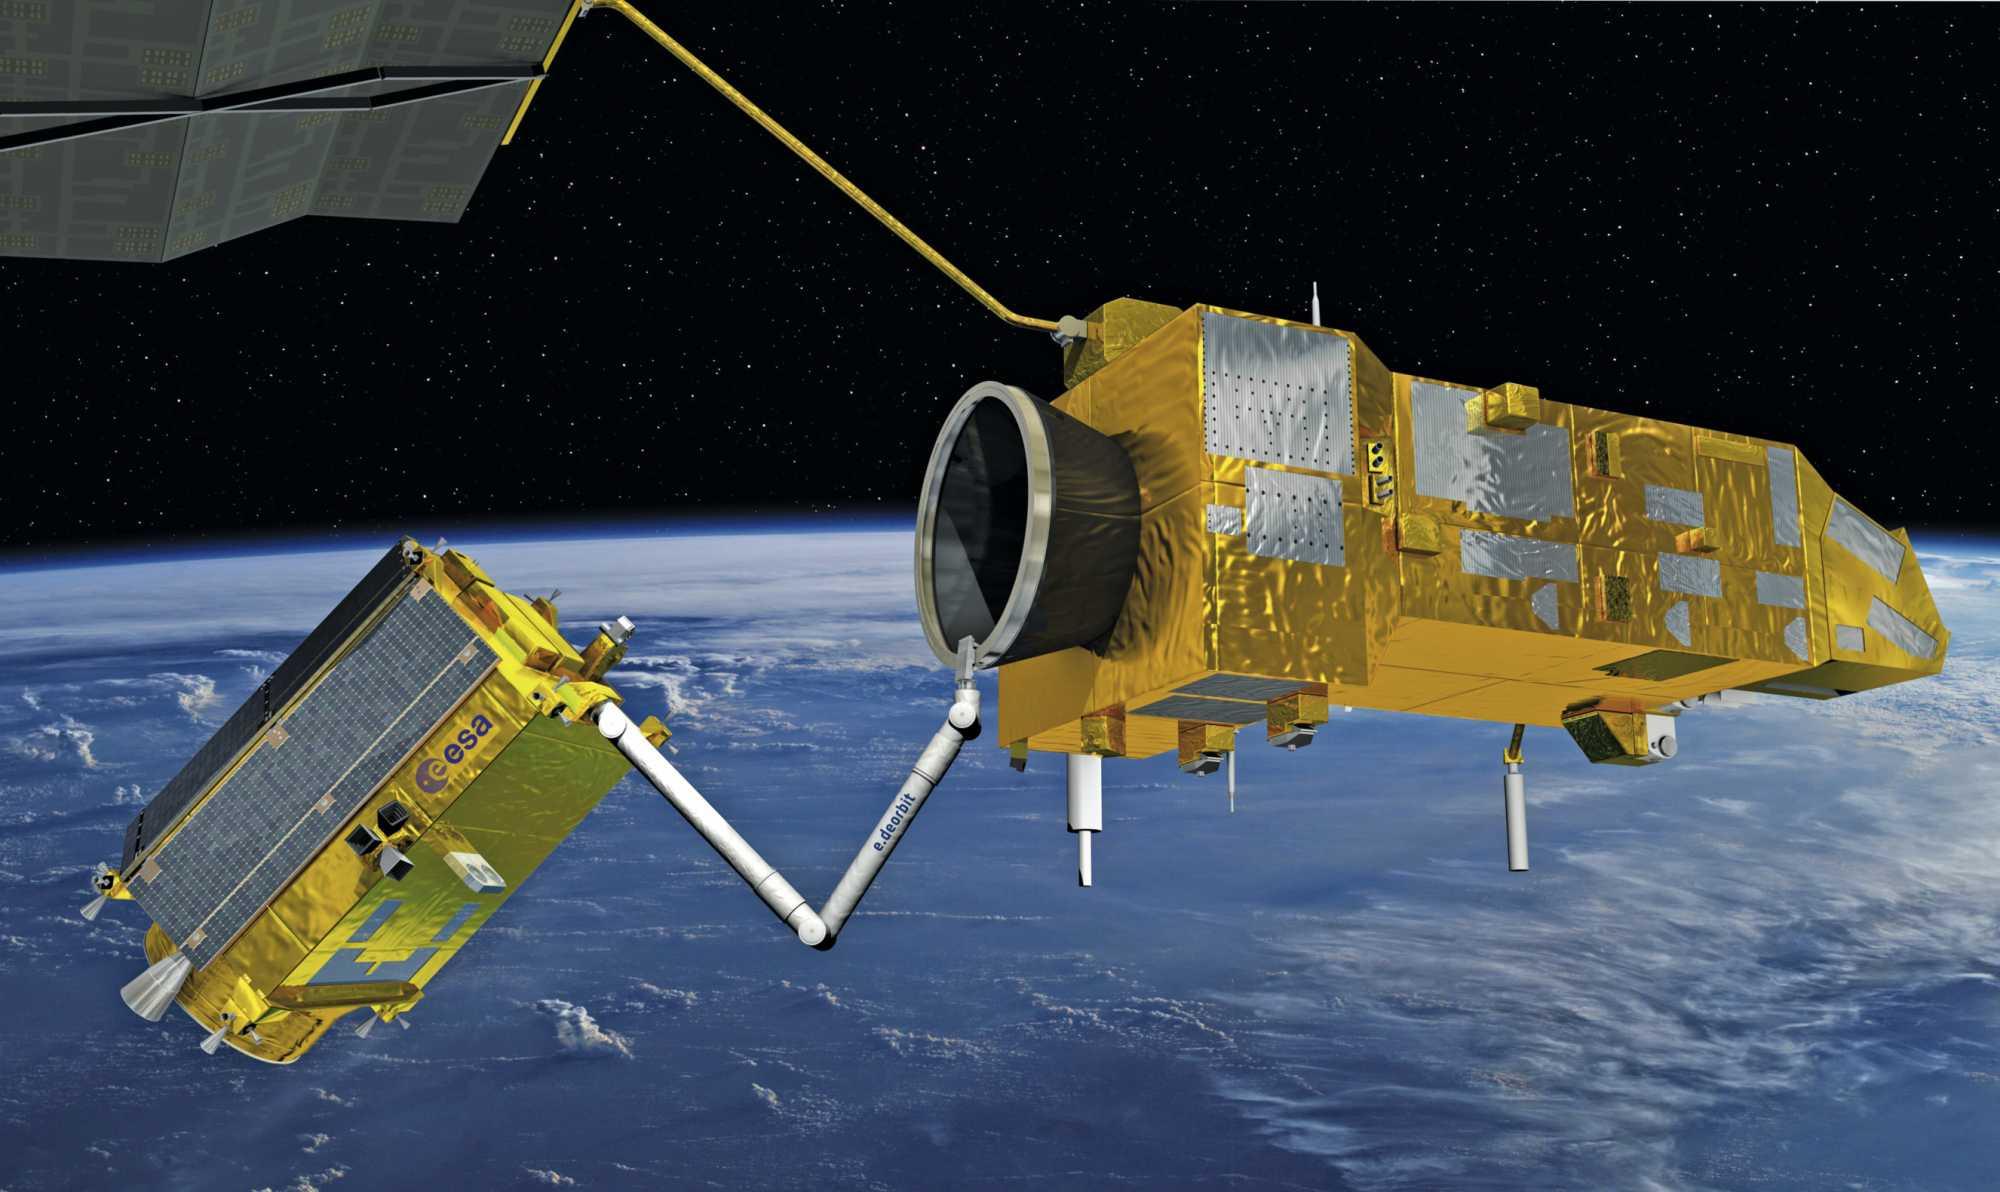 Das e.Deorbit-Konzept soll im Jahre 2025 zeigen, wie man defekte Satelliten bergen kann.